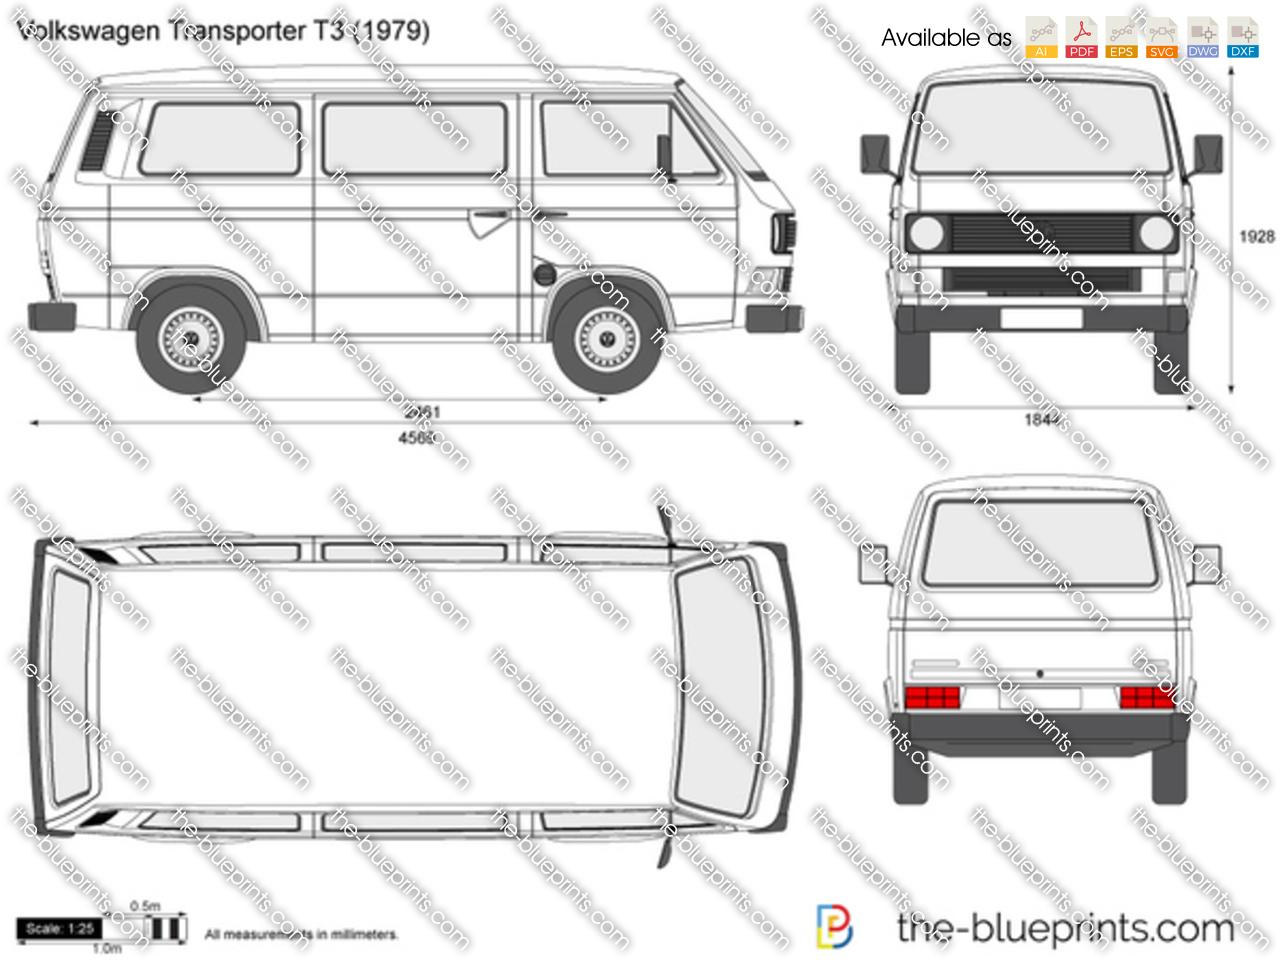 Volkswagen Transporter T3 1984